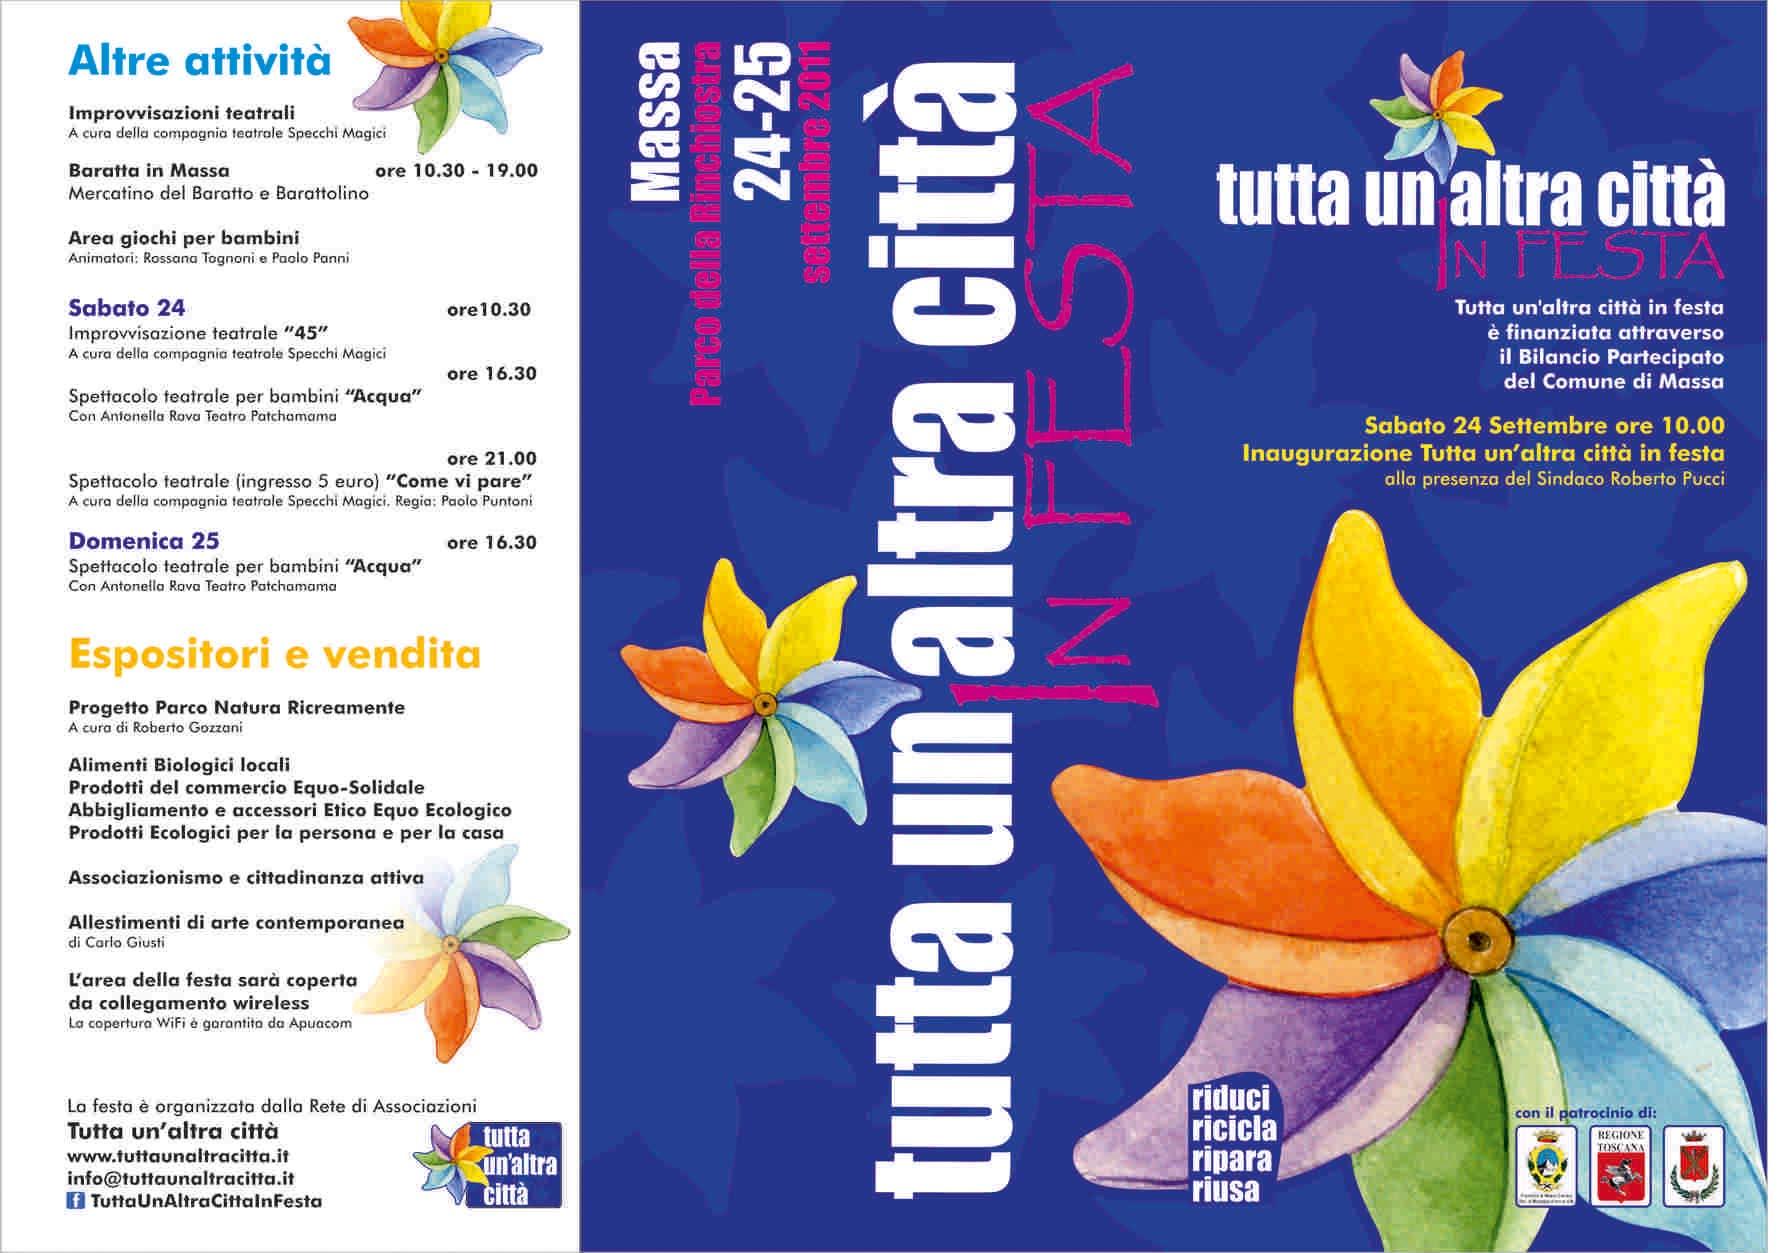 Brochure fronteBASSA